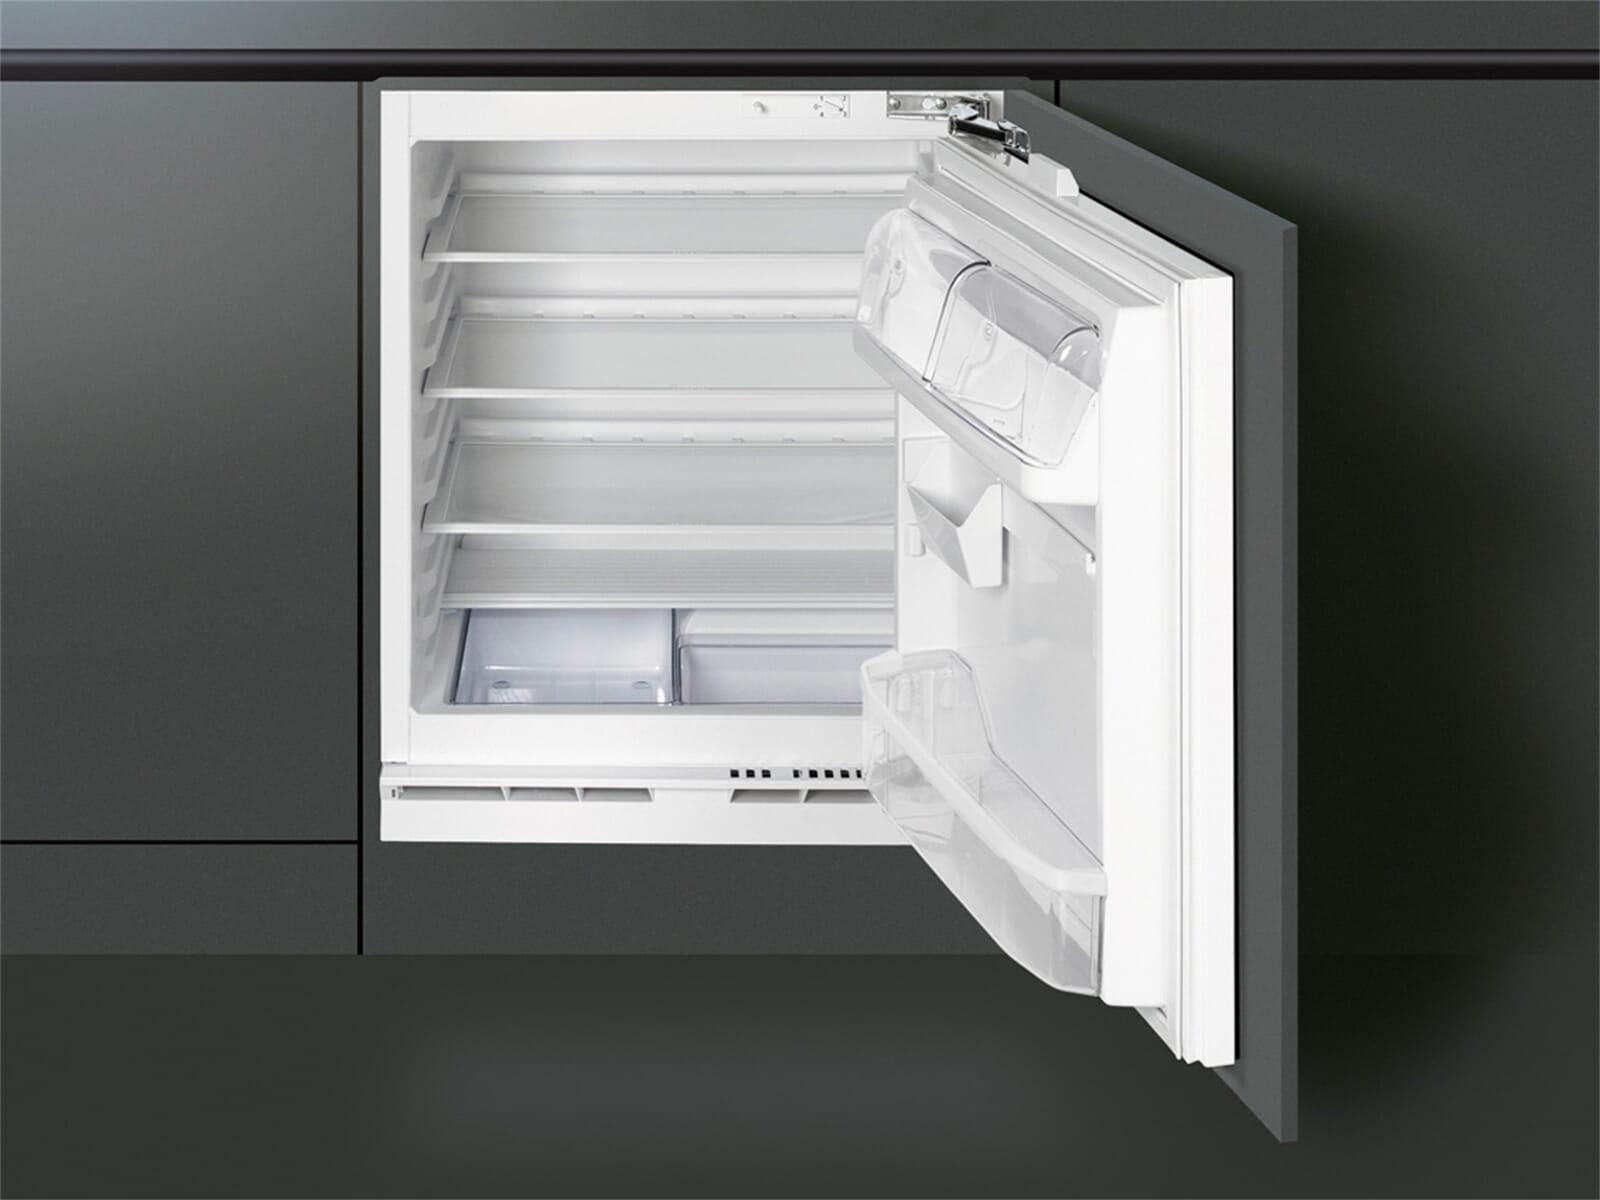 Side By Side Kühlschrank Geringe Tiefe : Side by side kühlschrank geringe tiefe: side by side kühlschrank